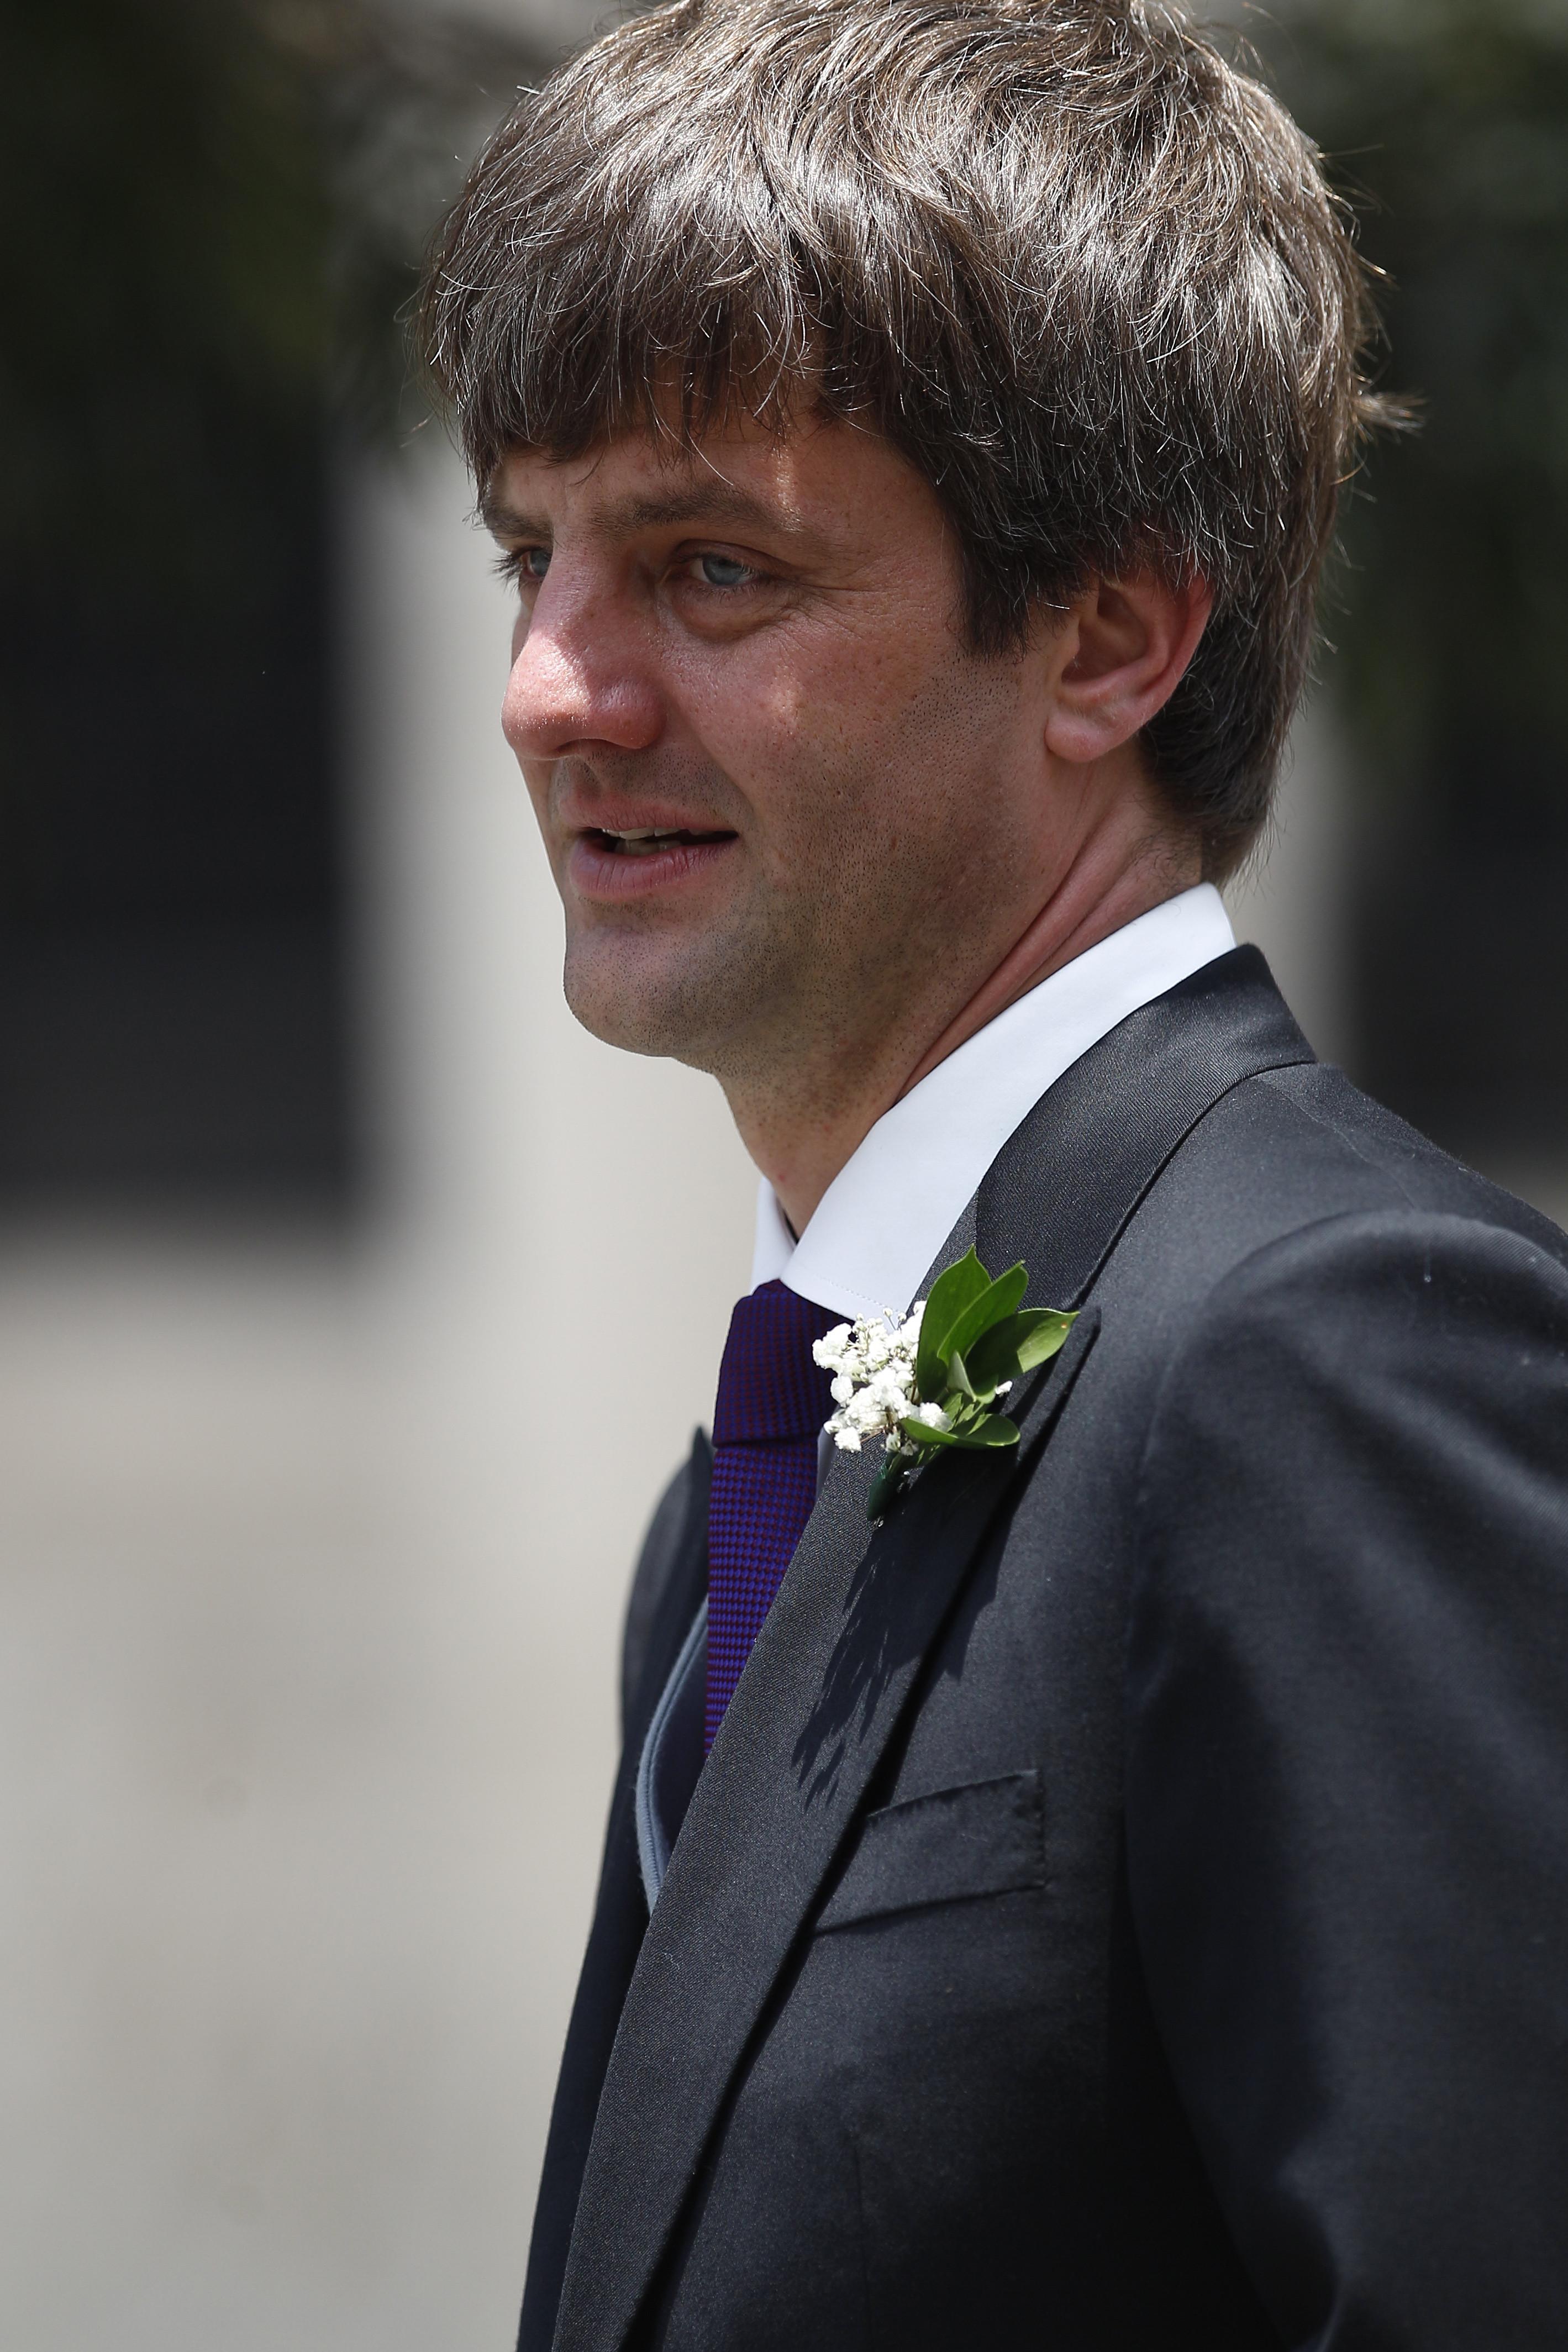 Novo bebé real: Príncipe Ernst August foi pai de novo